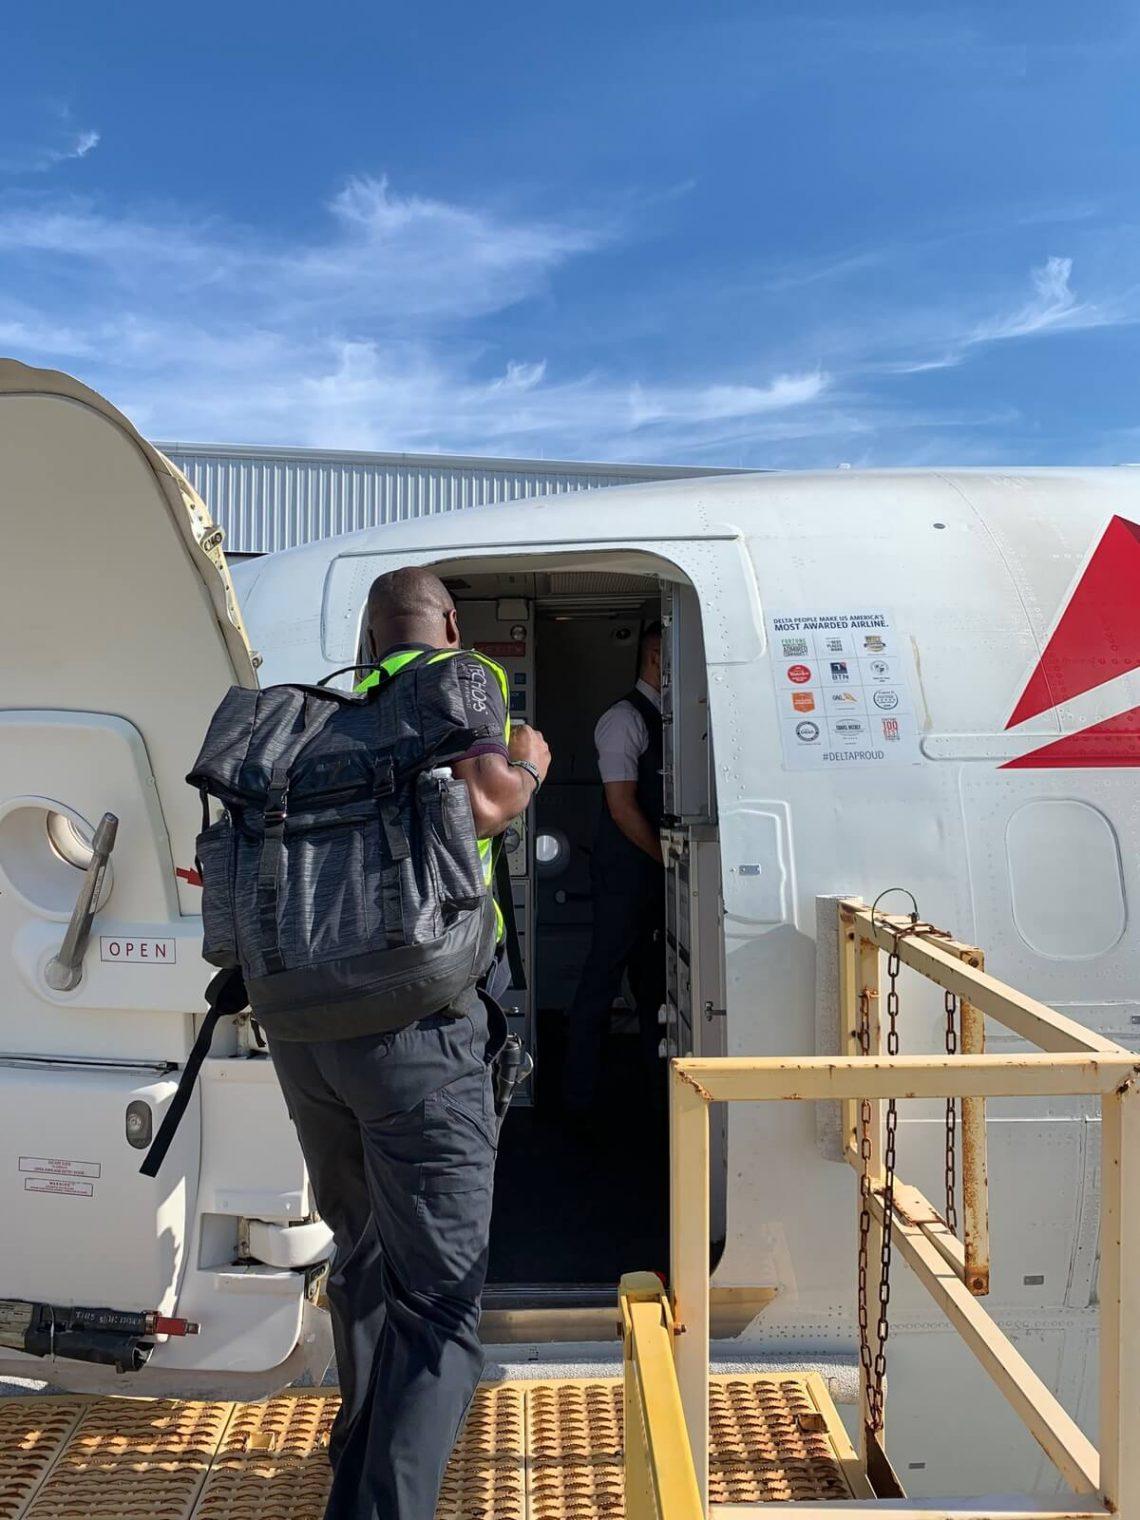 Delta krizhelpa flugo al Bahamoj evakuas dorikajn pluvivantojn, liveras 4,700 funtojn da provizoj